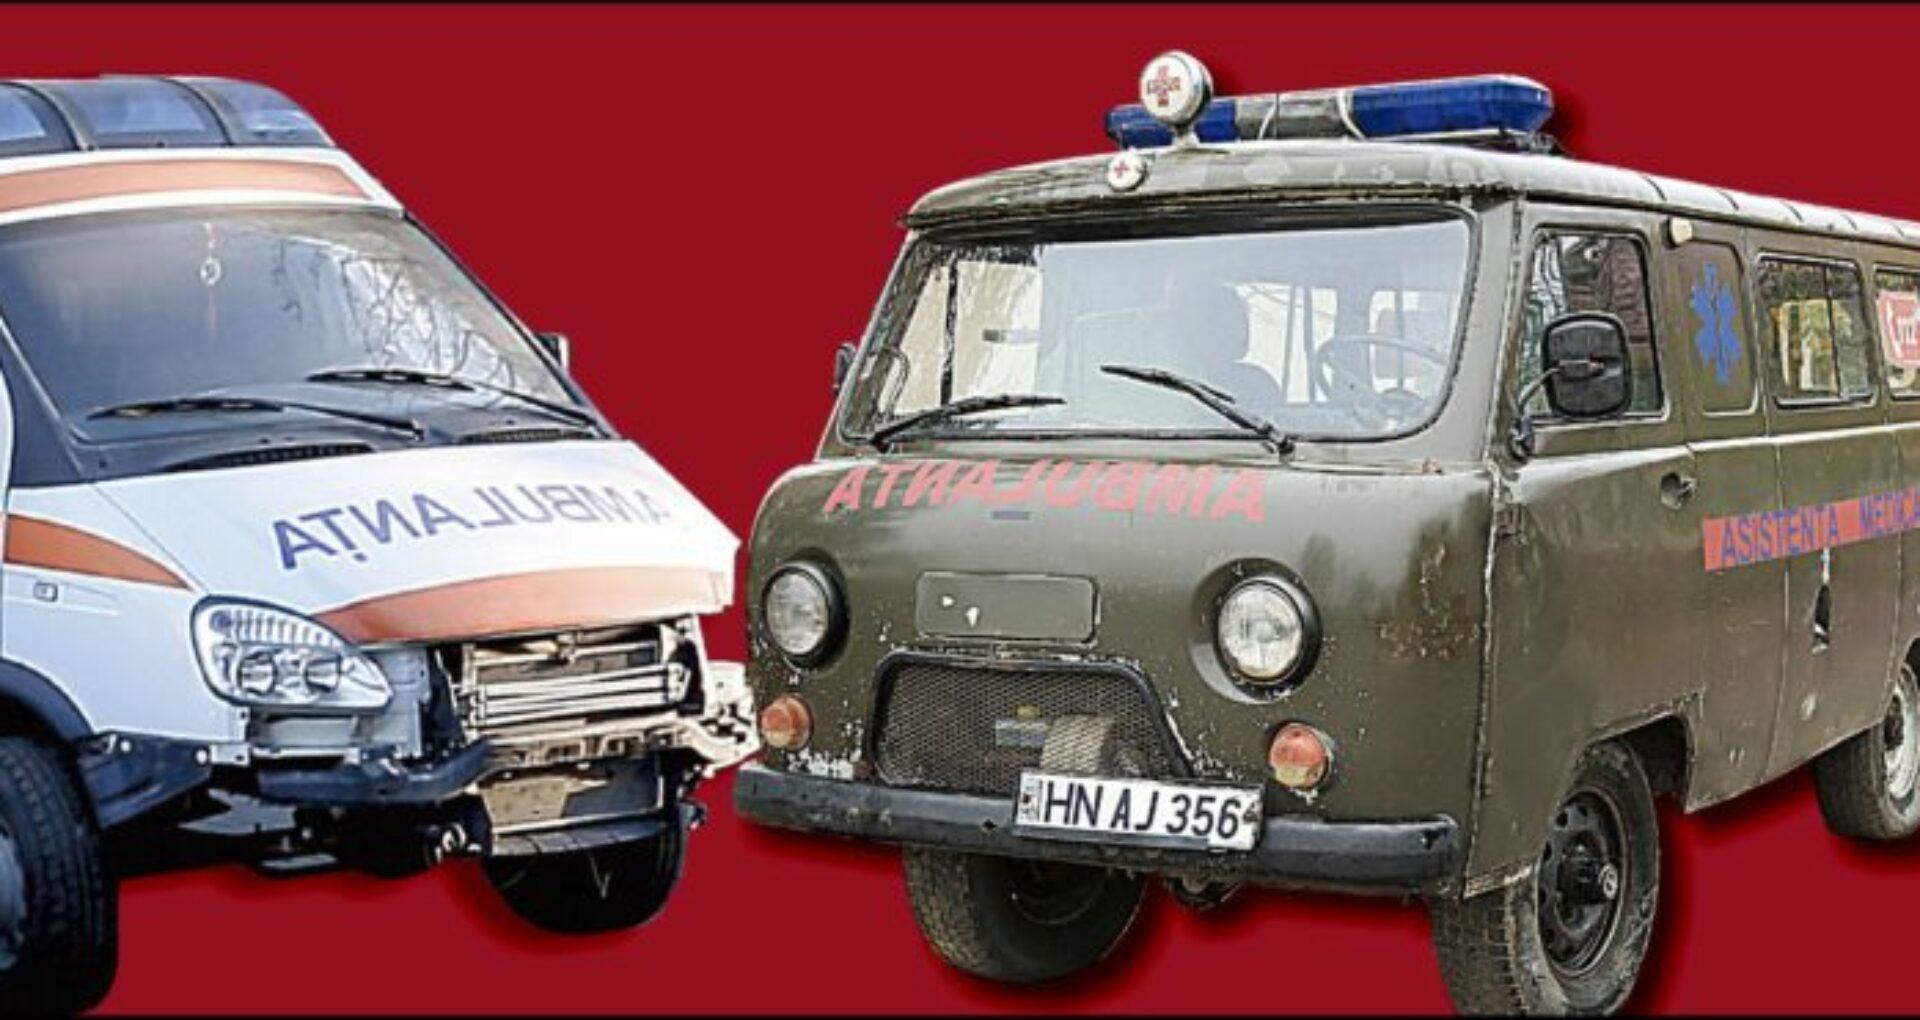 VIDEO/ Culisele achizițiilor de ambulanțe: dosare, neconformități și legături politice